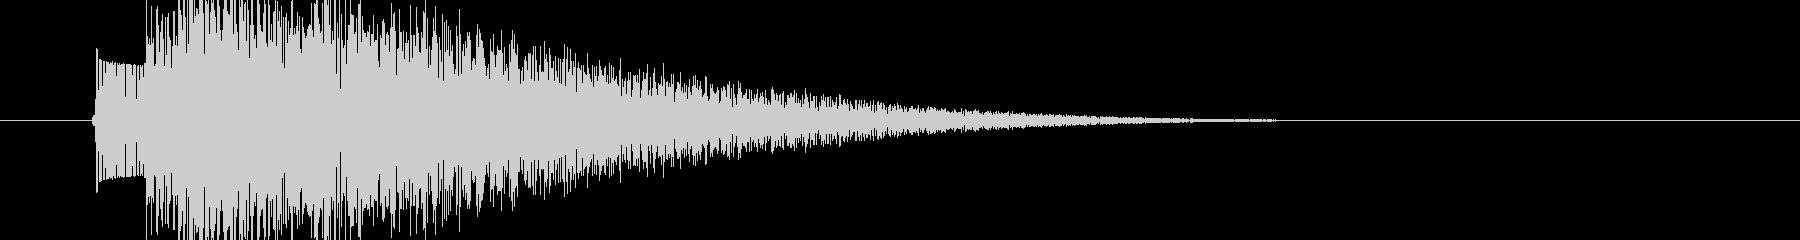 チャラン(昔のゲーム決定音ー低め)の未再生の波形